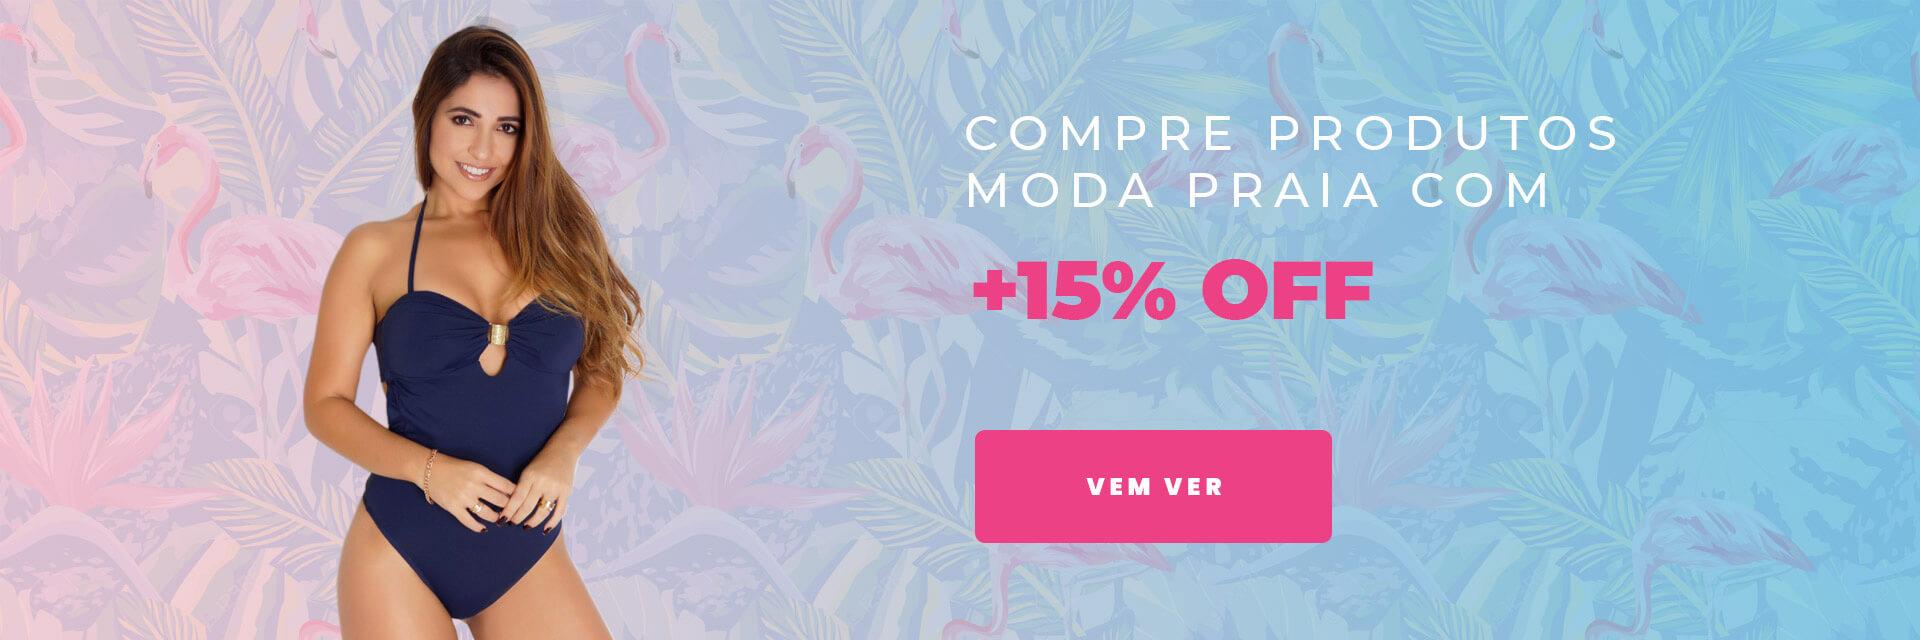 Moda Praia com +15% OFF